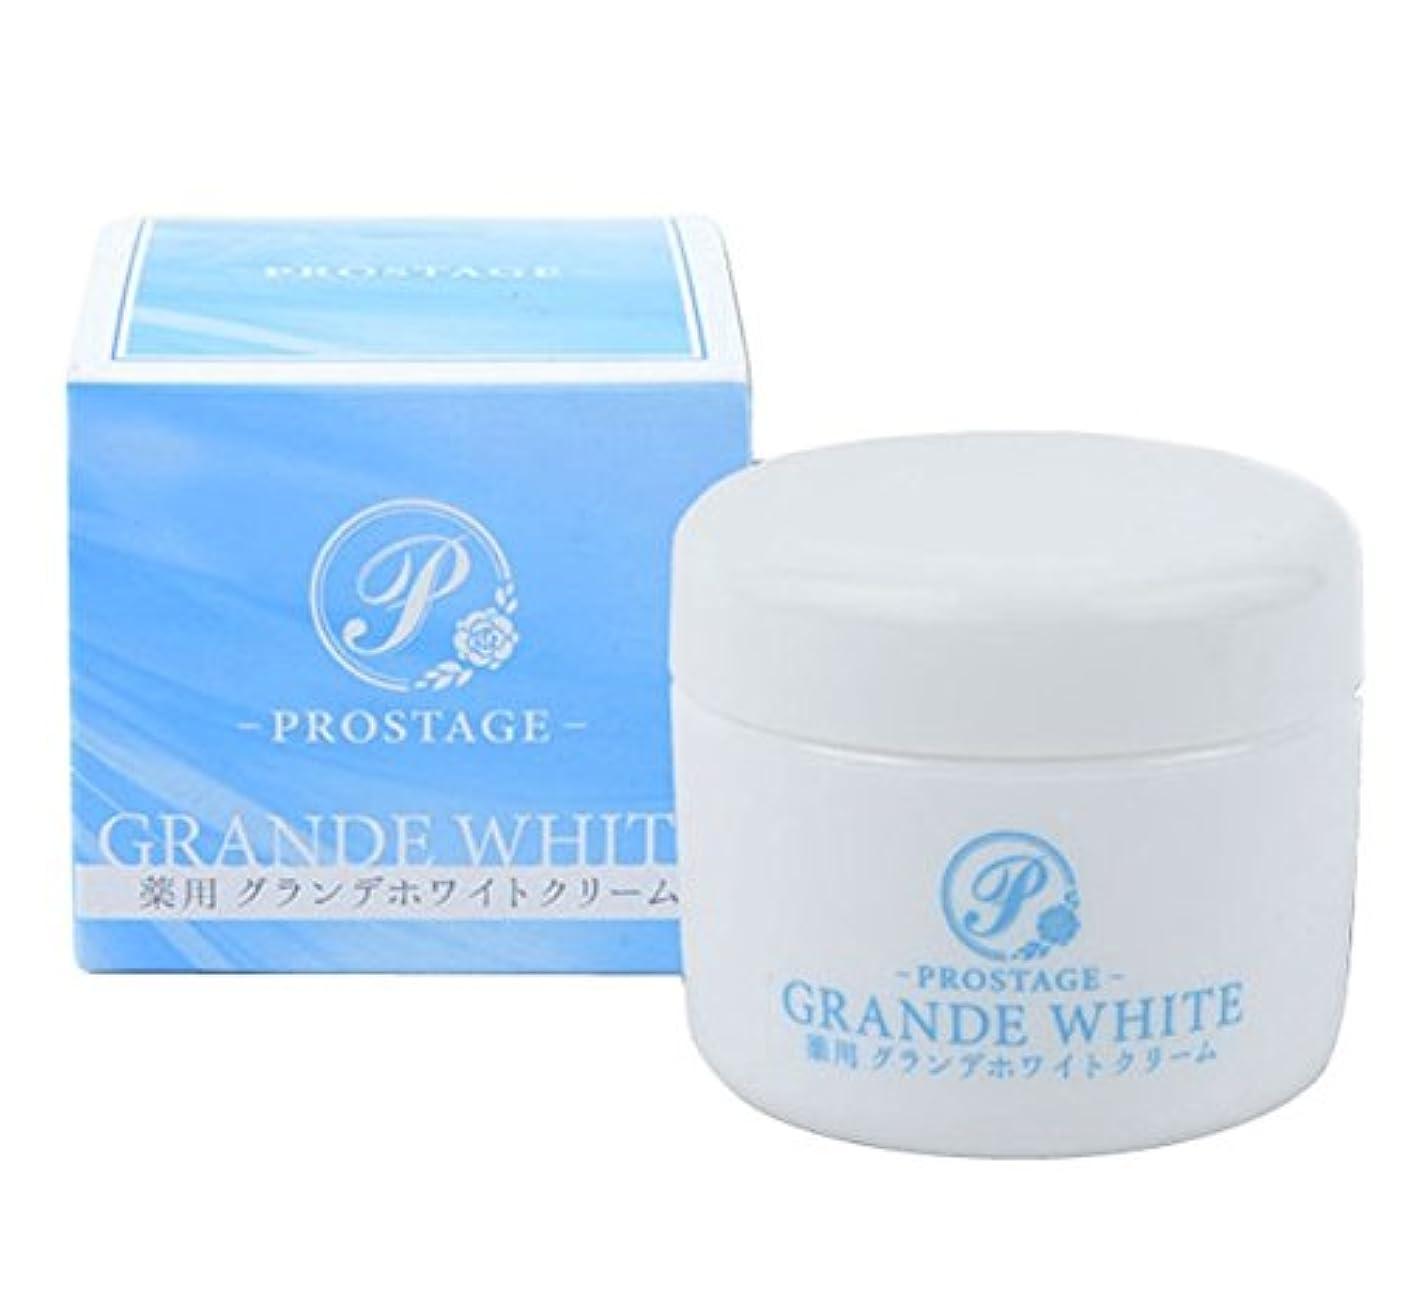 キャリッジ醜いほのか薬用グランデホワイトクリーム PROSTAGE ホワイトニングクリーム 大容量80g (2個)